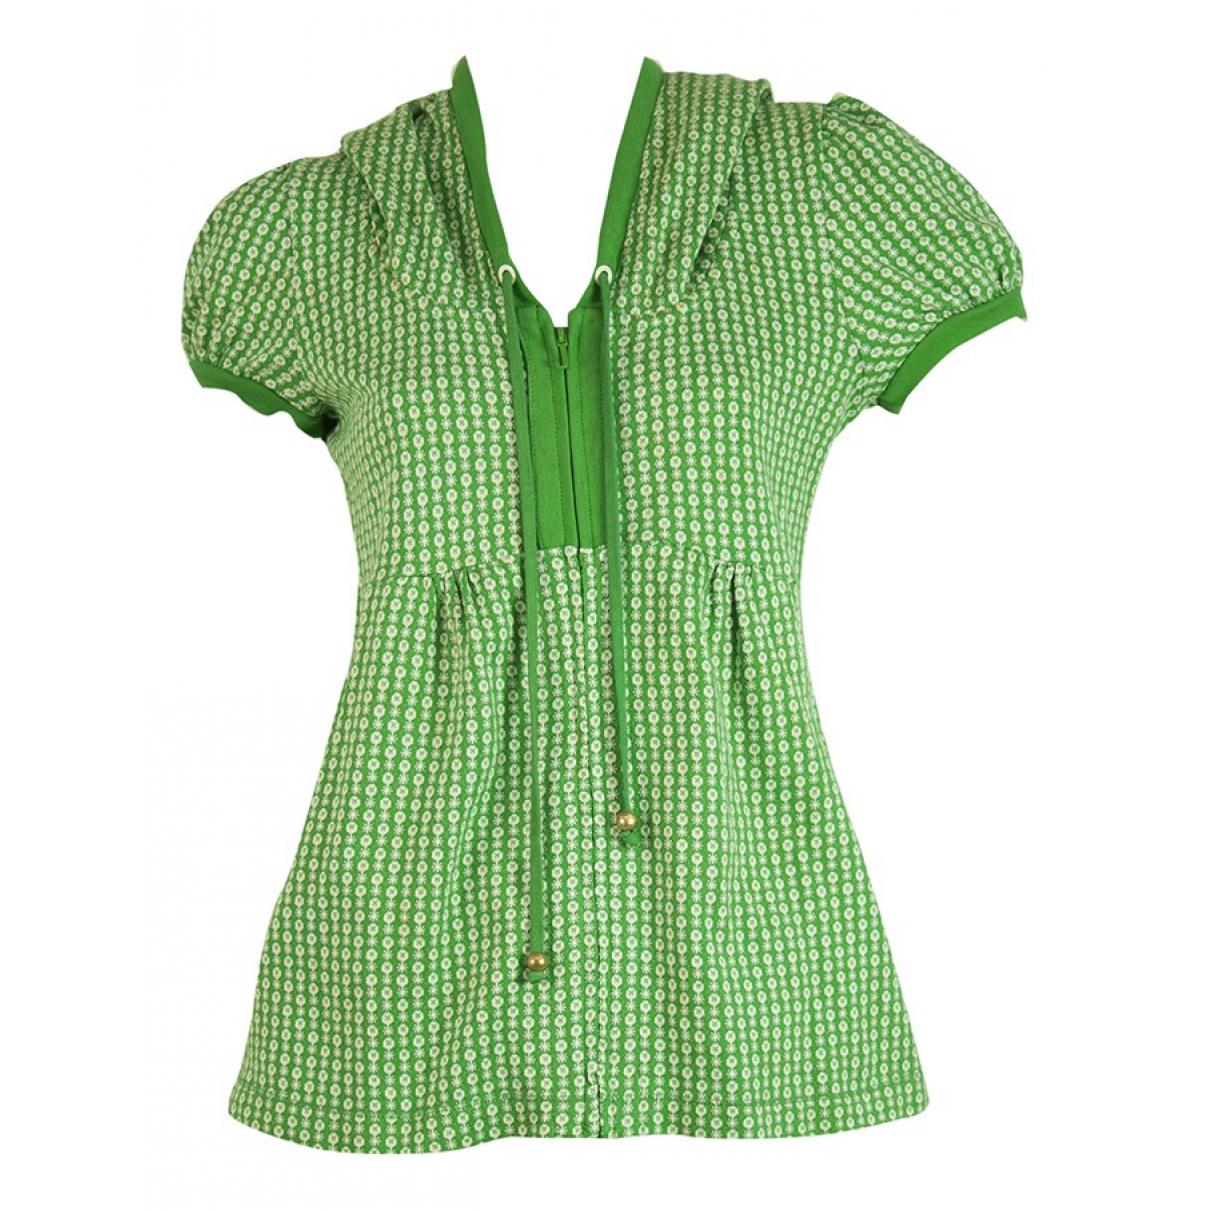 Juicy Couture - Veste   pour femme en coton - vert